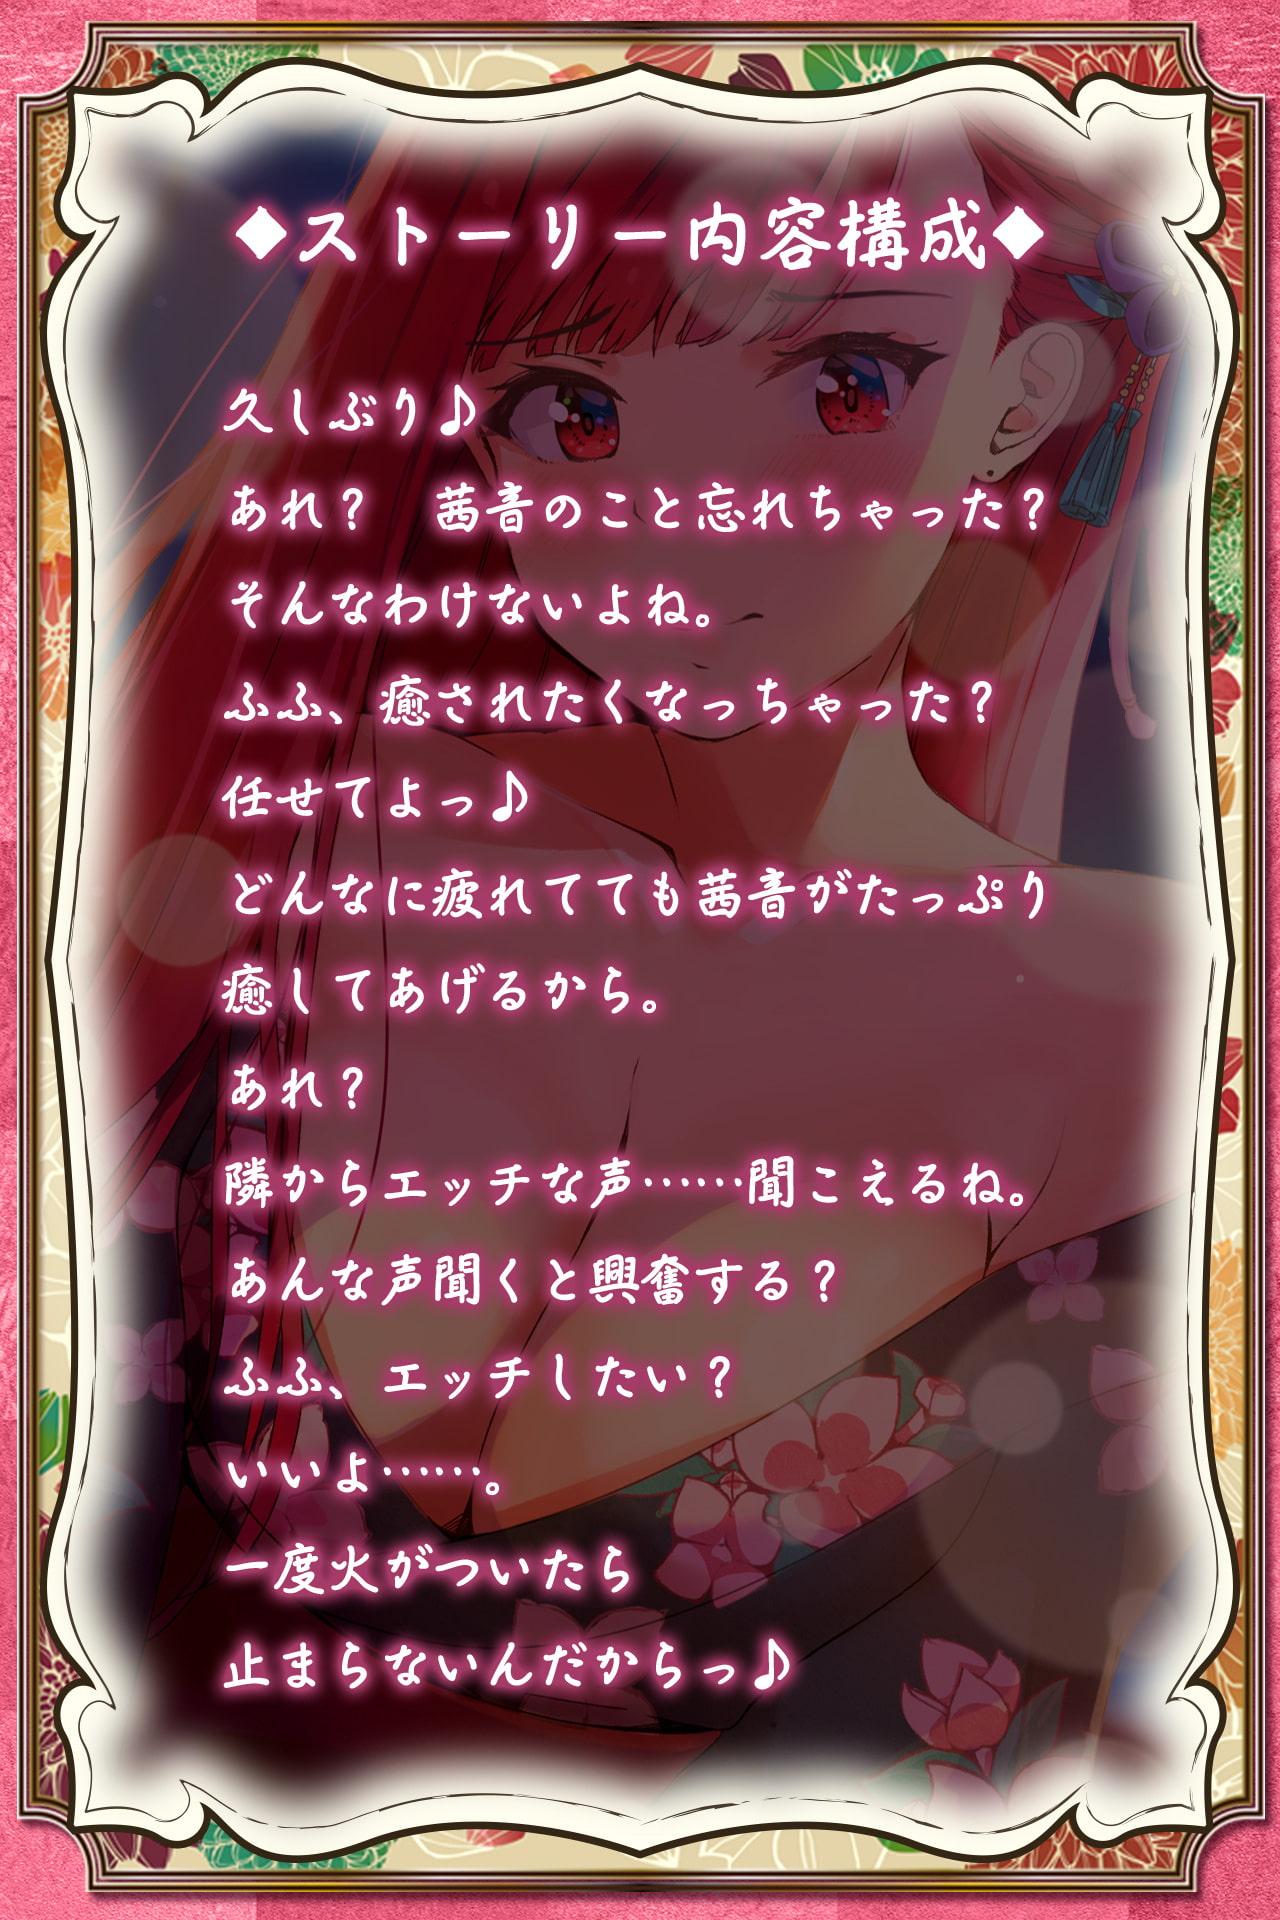 湯女風呂 椿屋 茜音 〜さばさばお世話からの甘々えっち〜